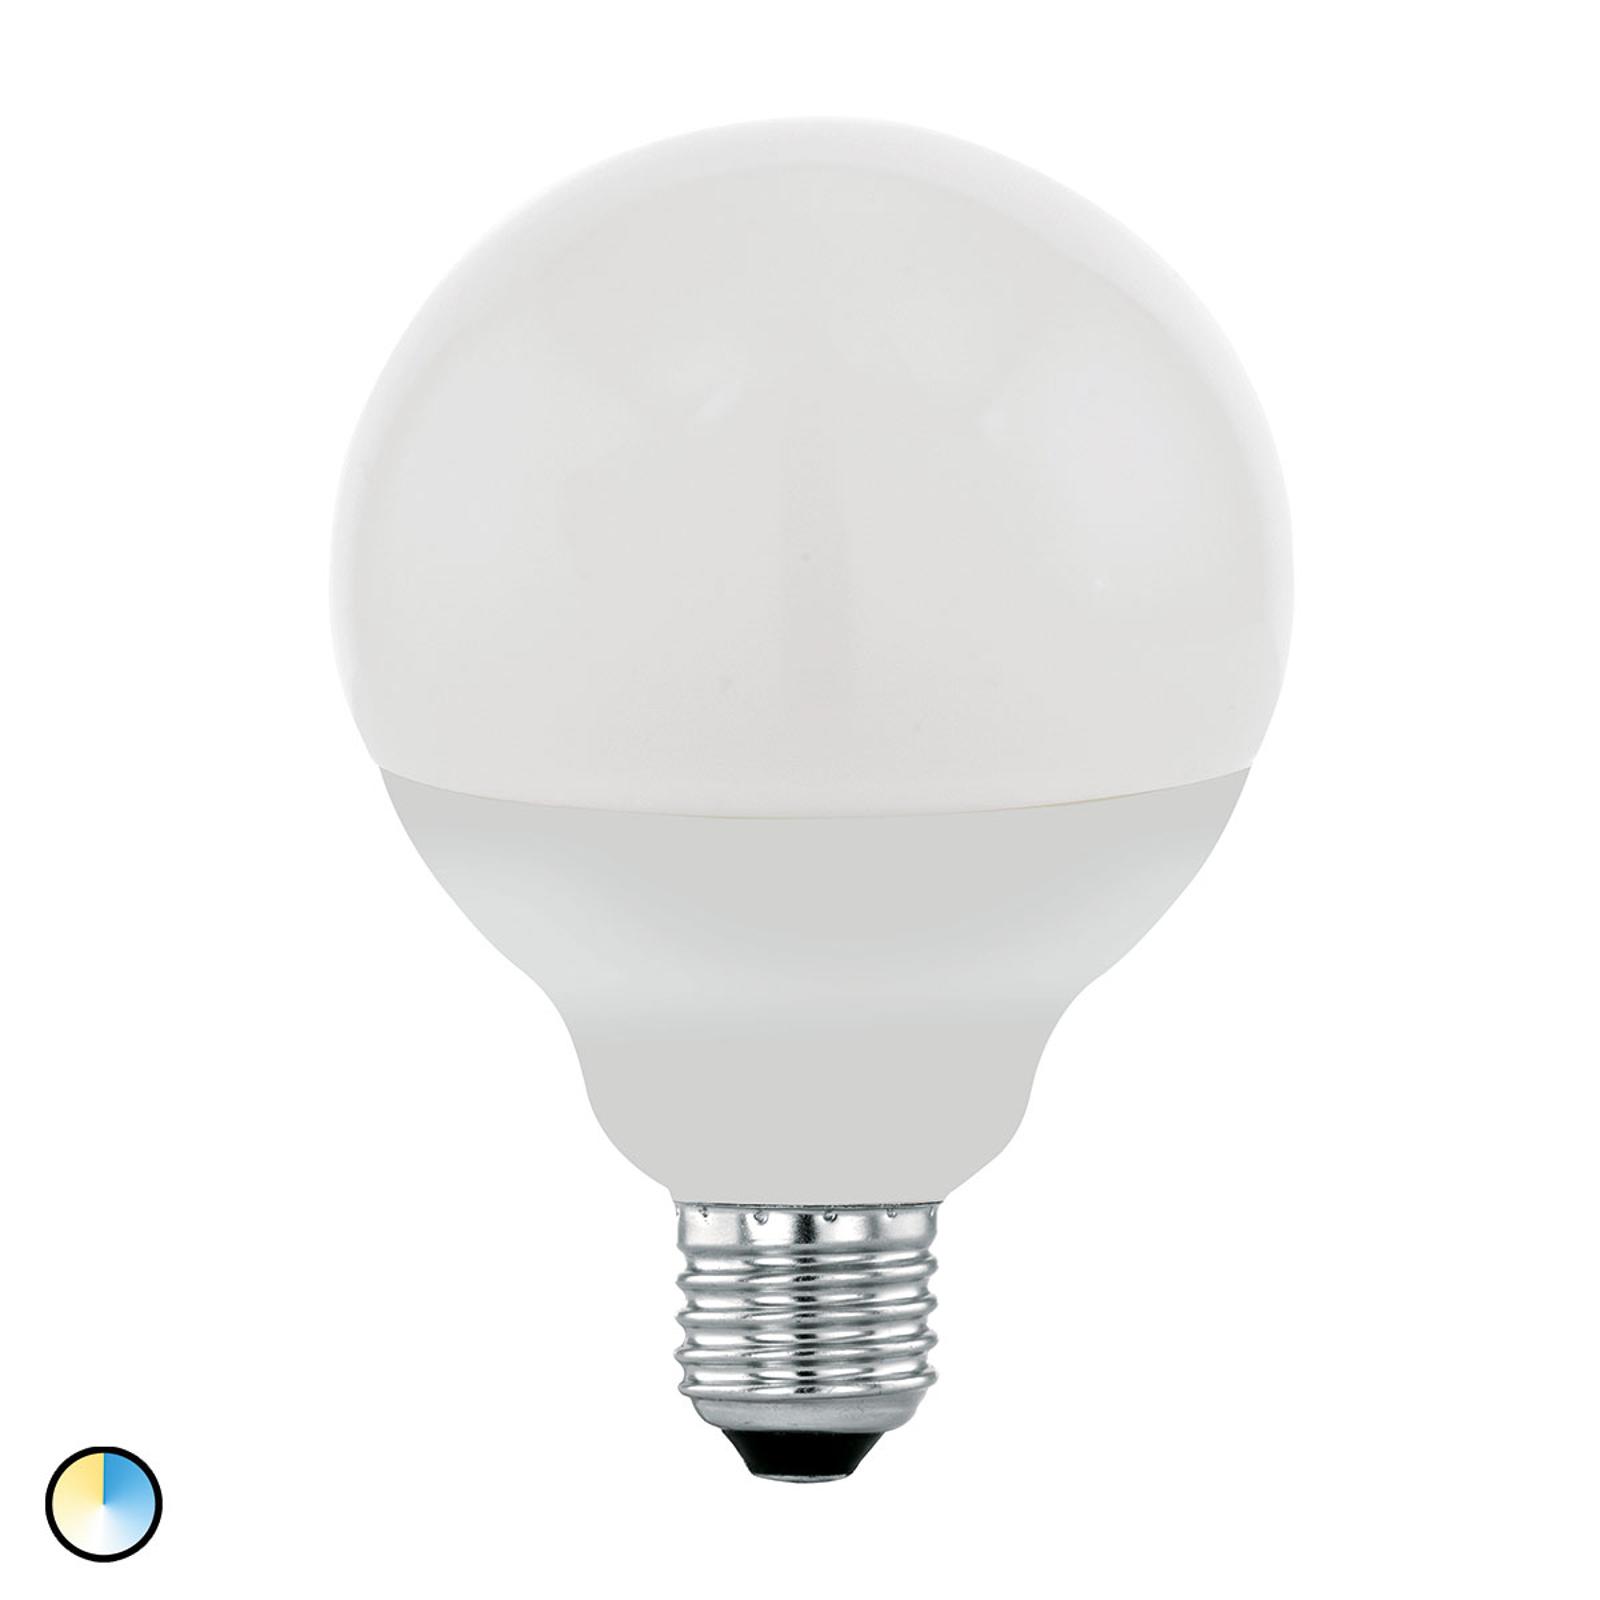 EGLO connect LED żarówka globe E27 13W 2700-6500K